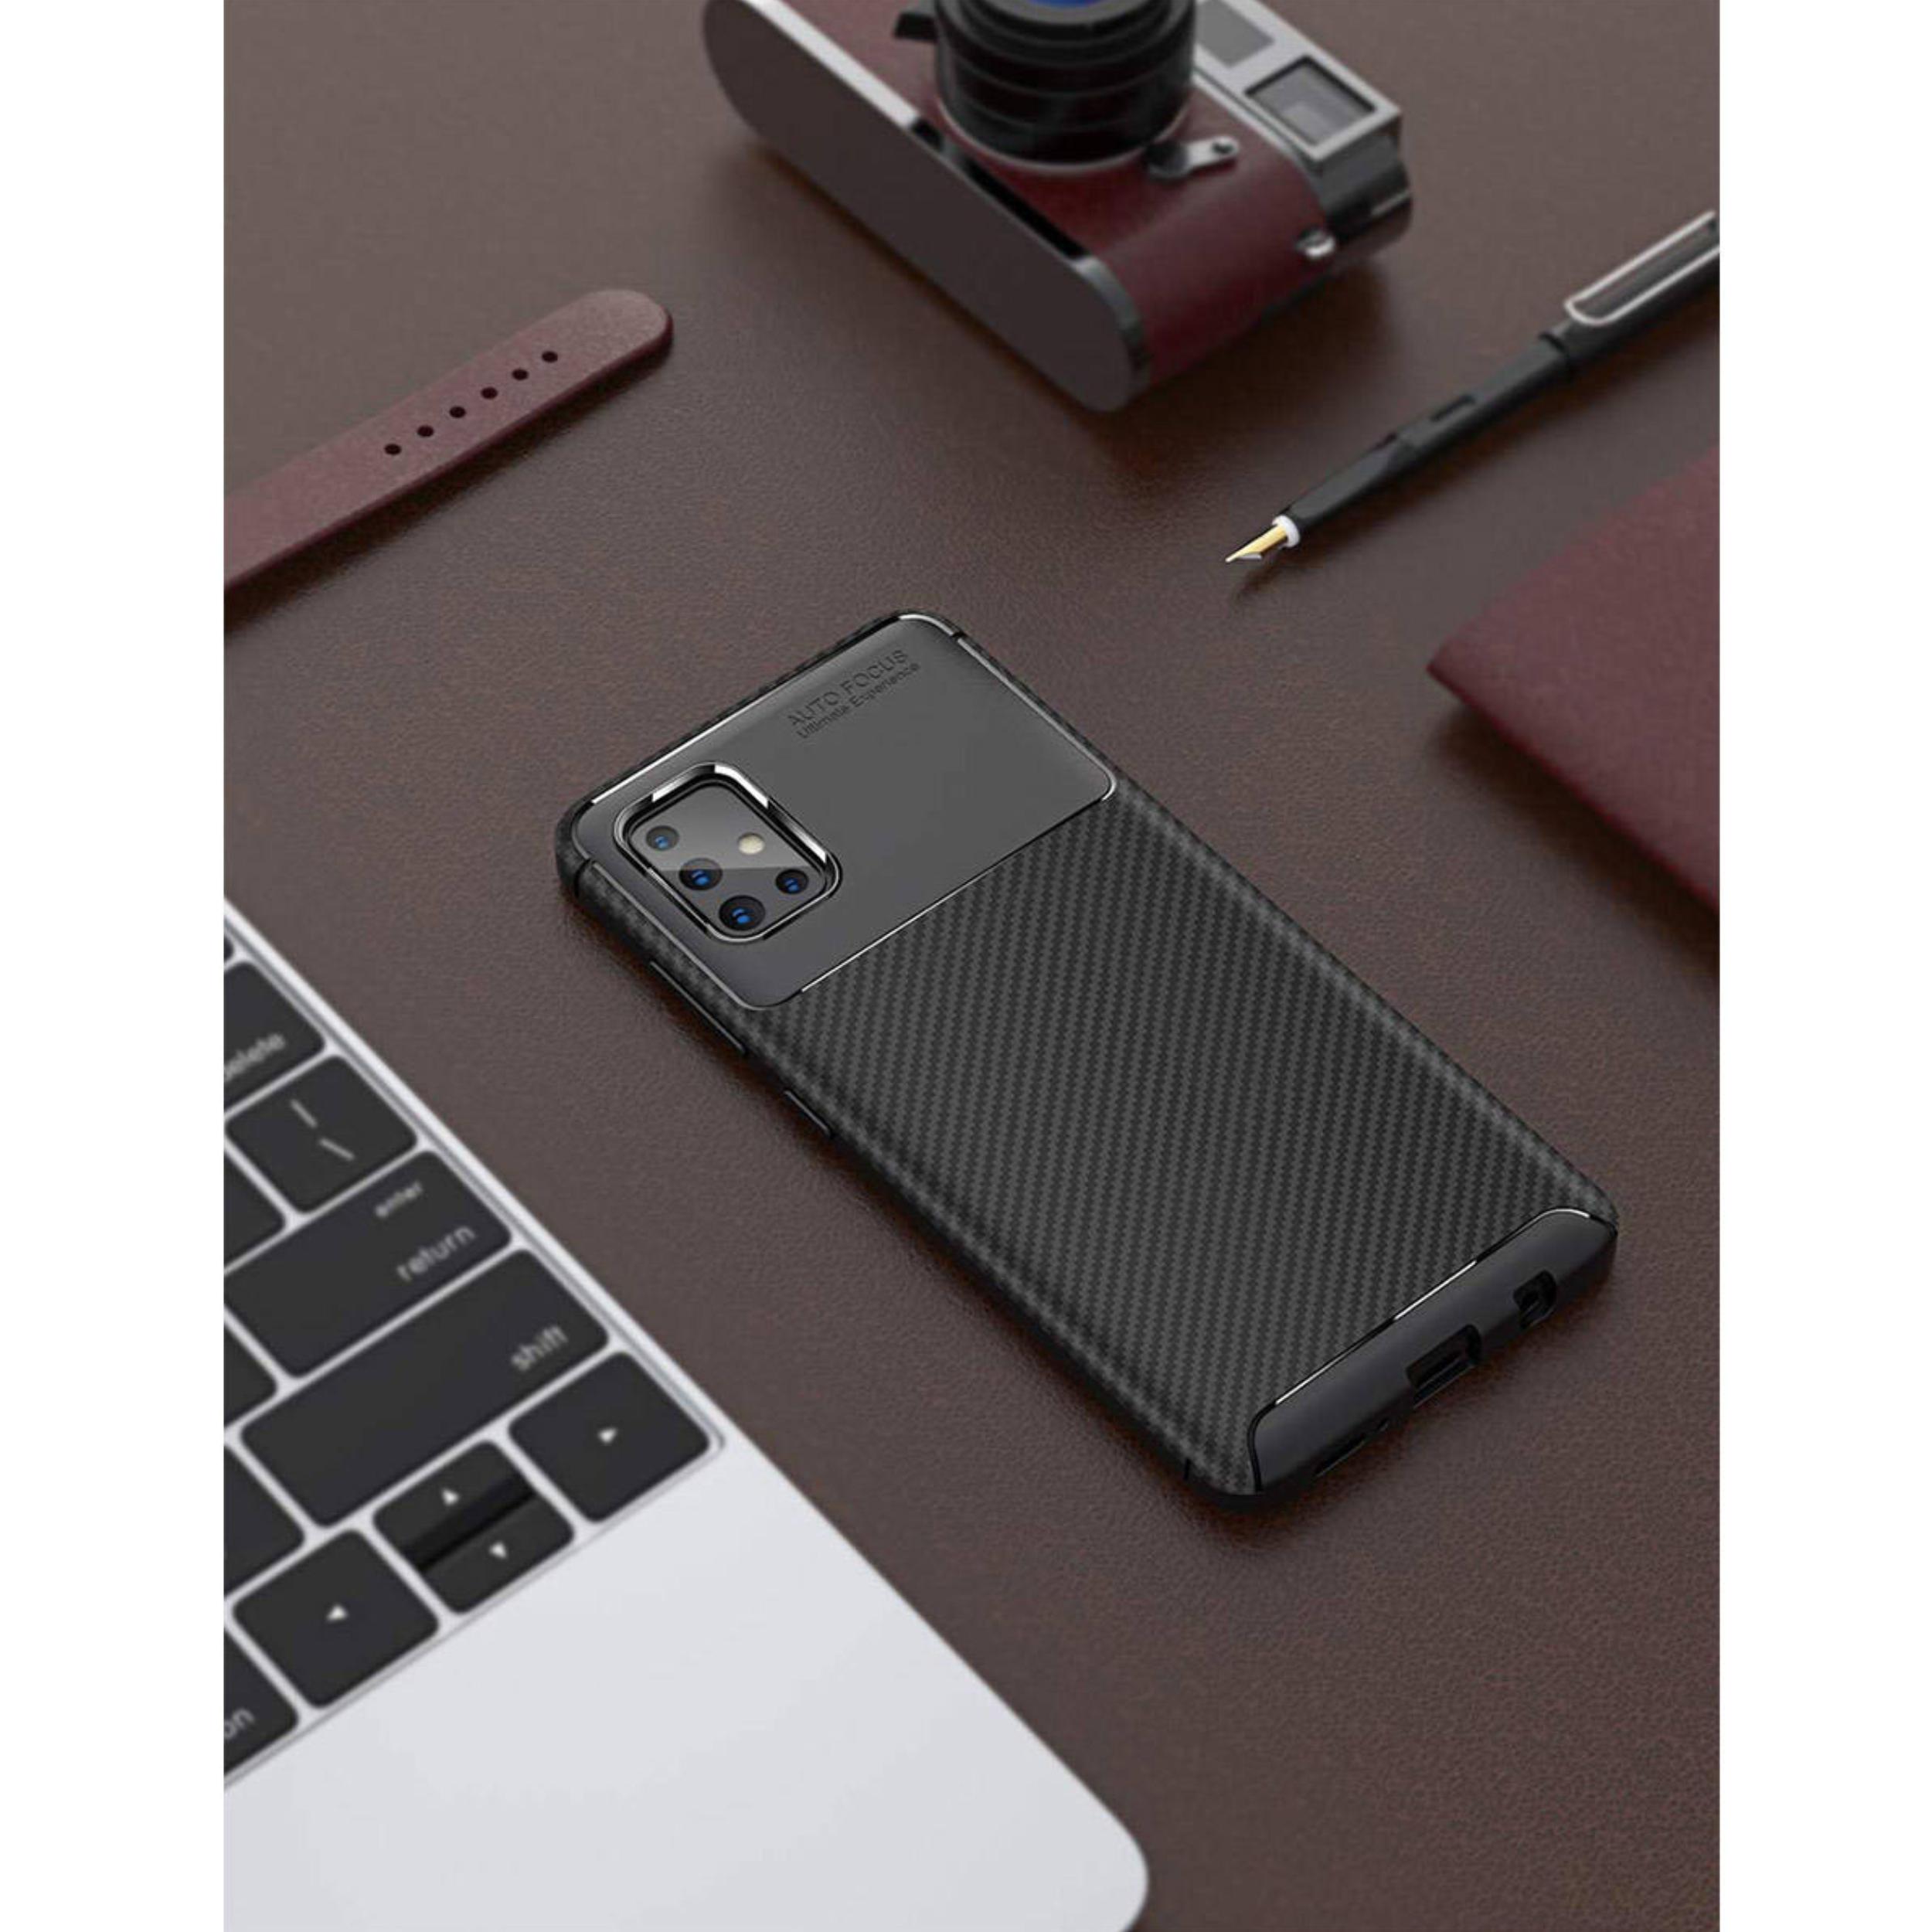 کاور لاین کینگ مدل A21 مناسب برای گوشی موبایل سامسونگ Galaxy A51 thumb 2 2